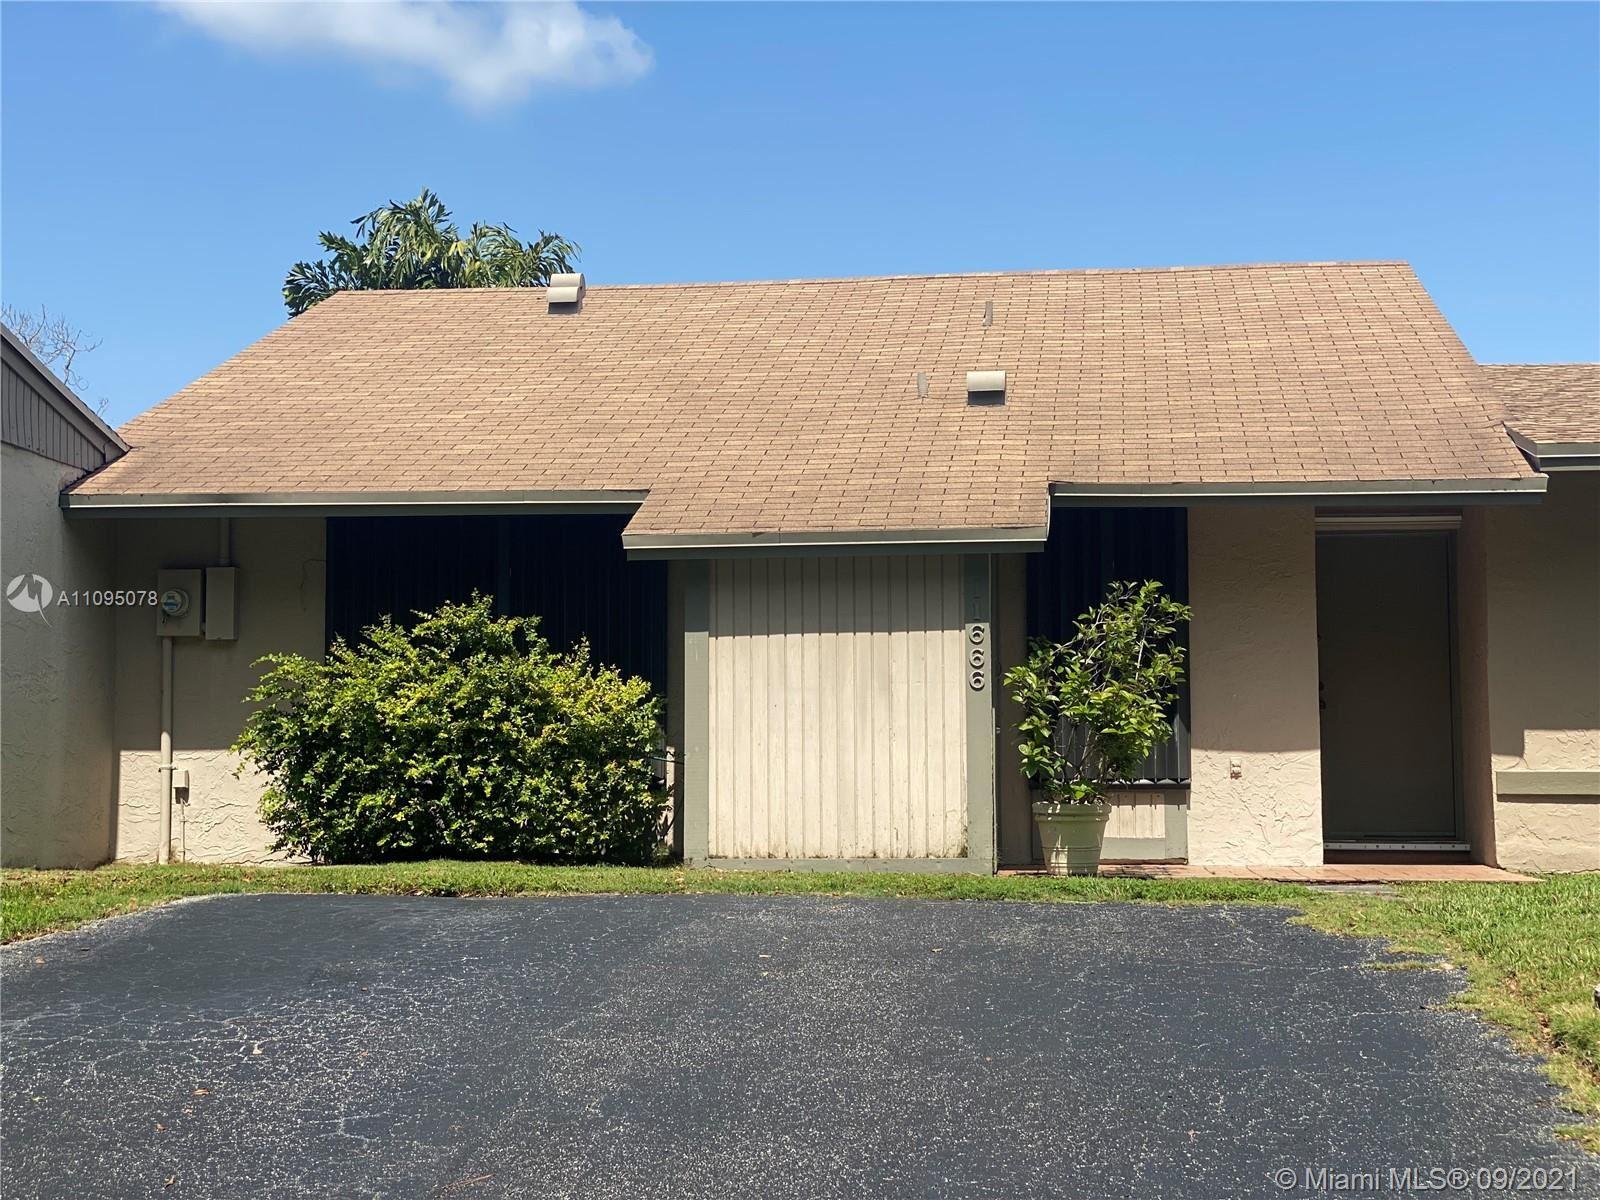 11666 SW 112th Ave #1, Miami, FL 33176 - #: A11095078